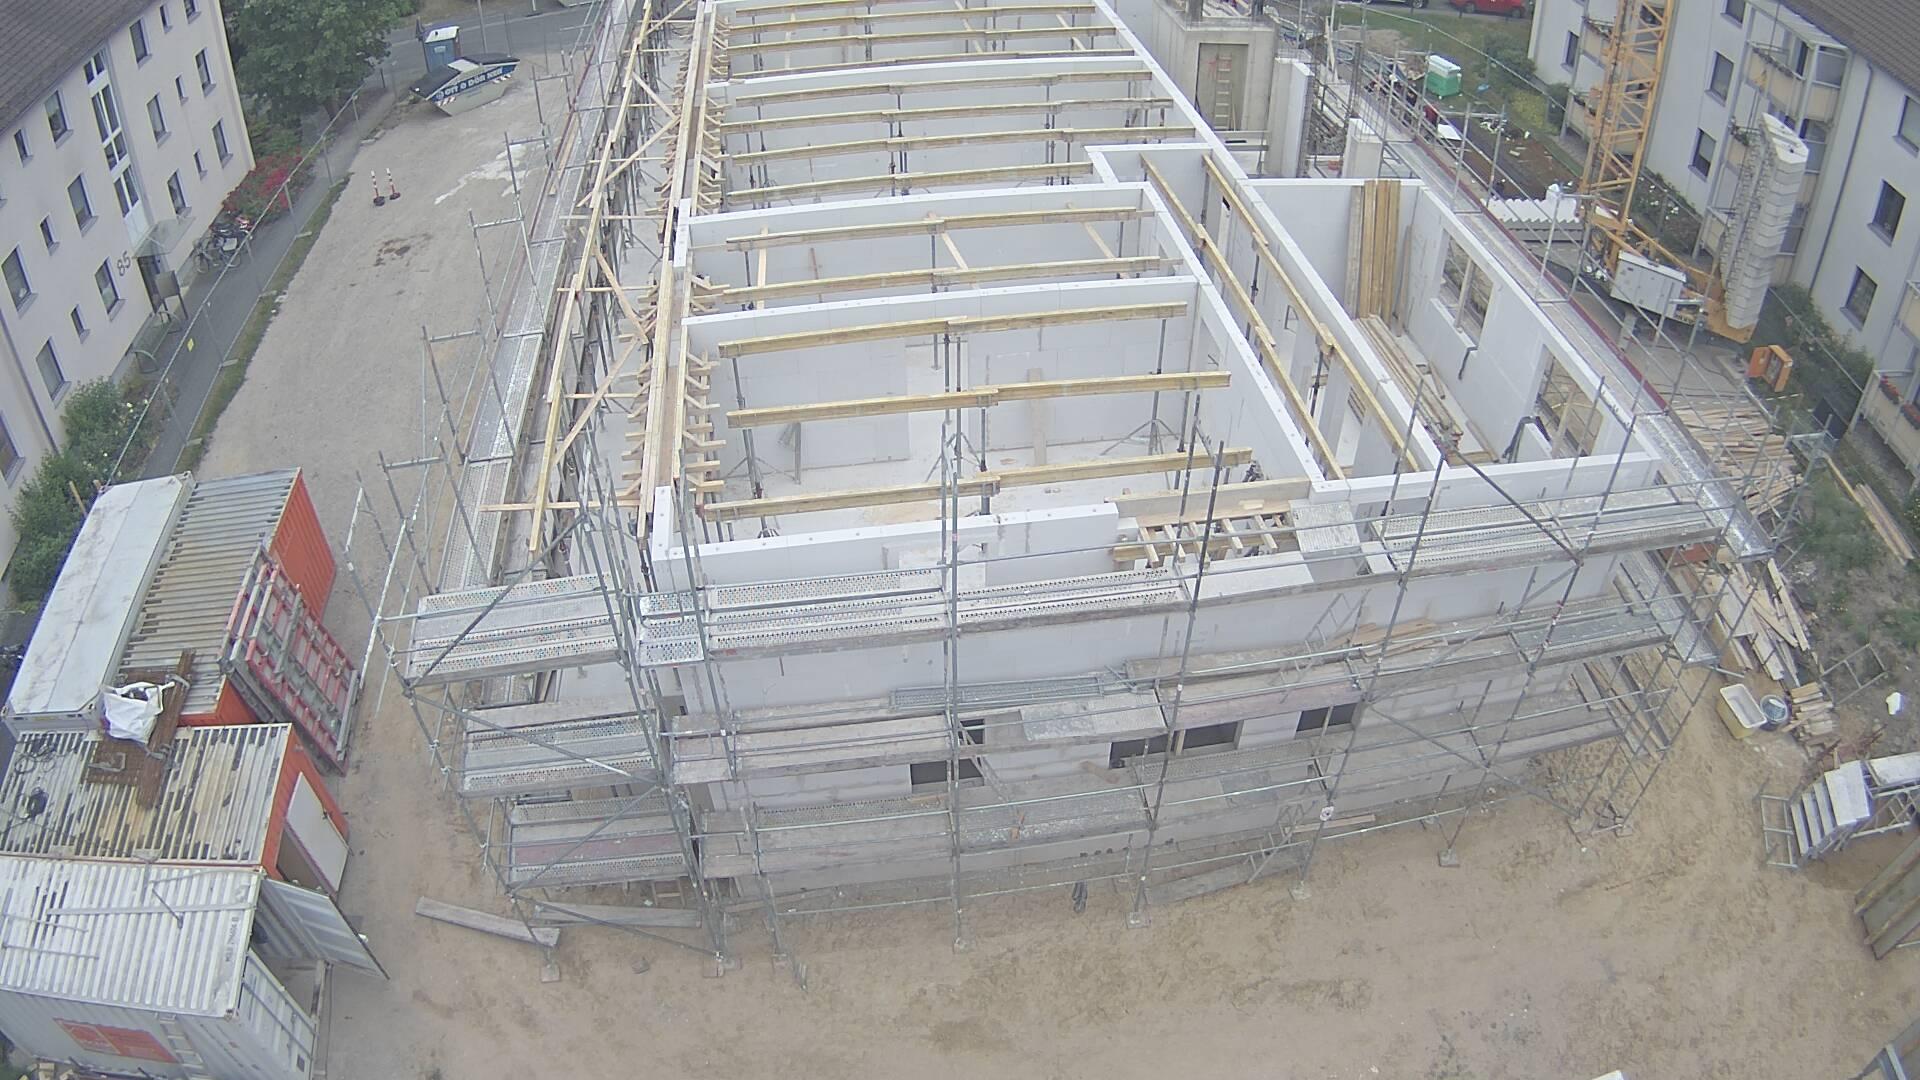 Bild vom Bauplatz